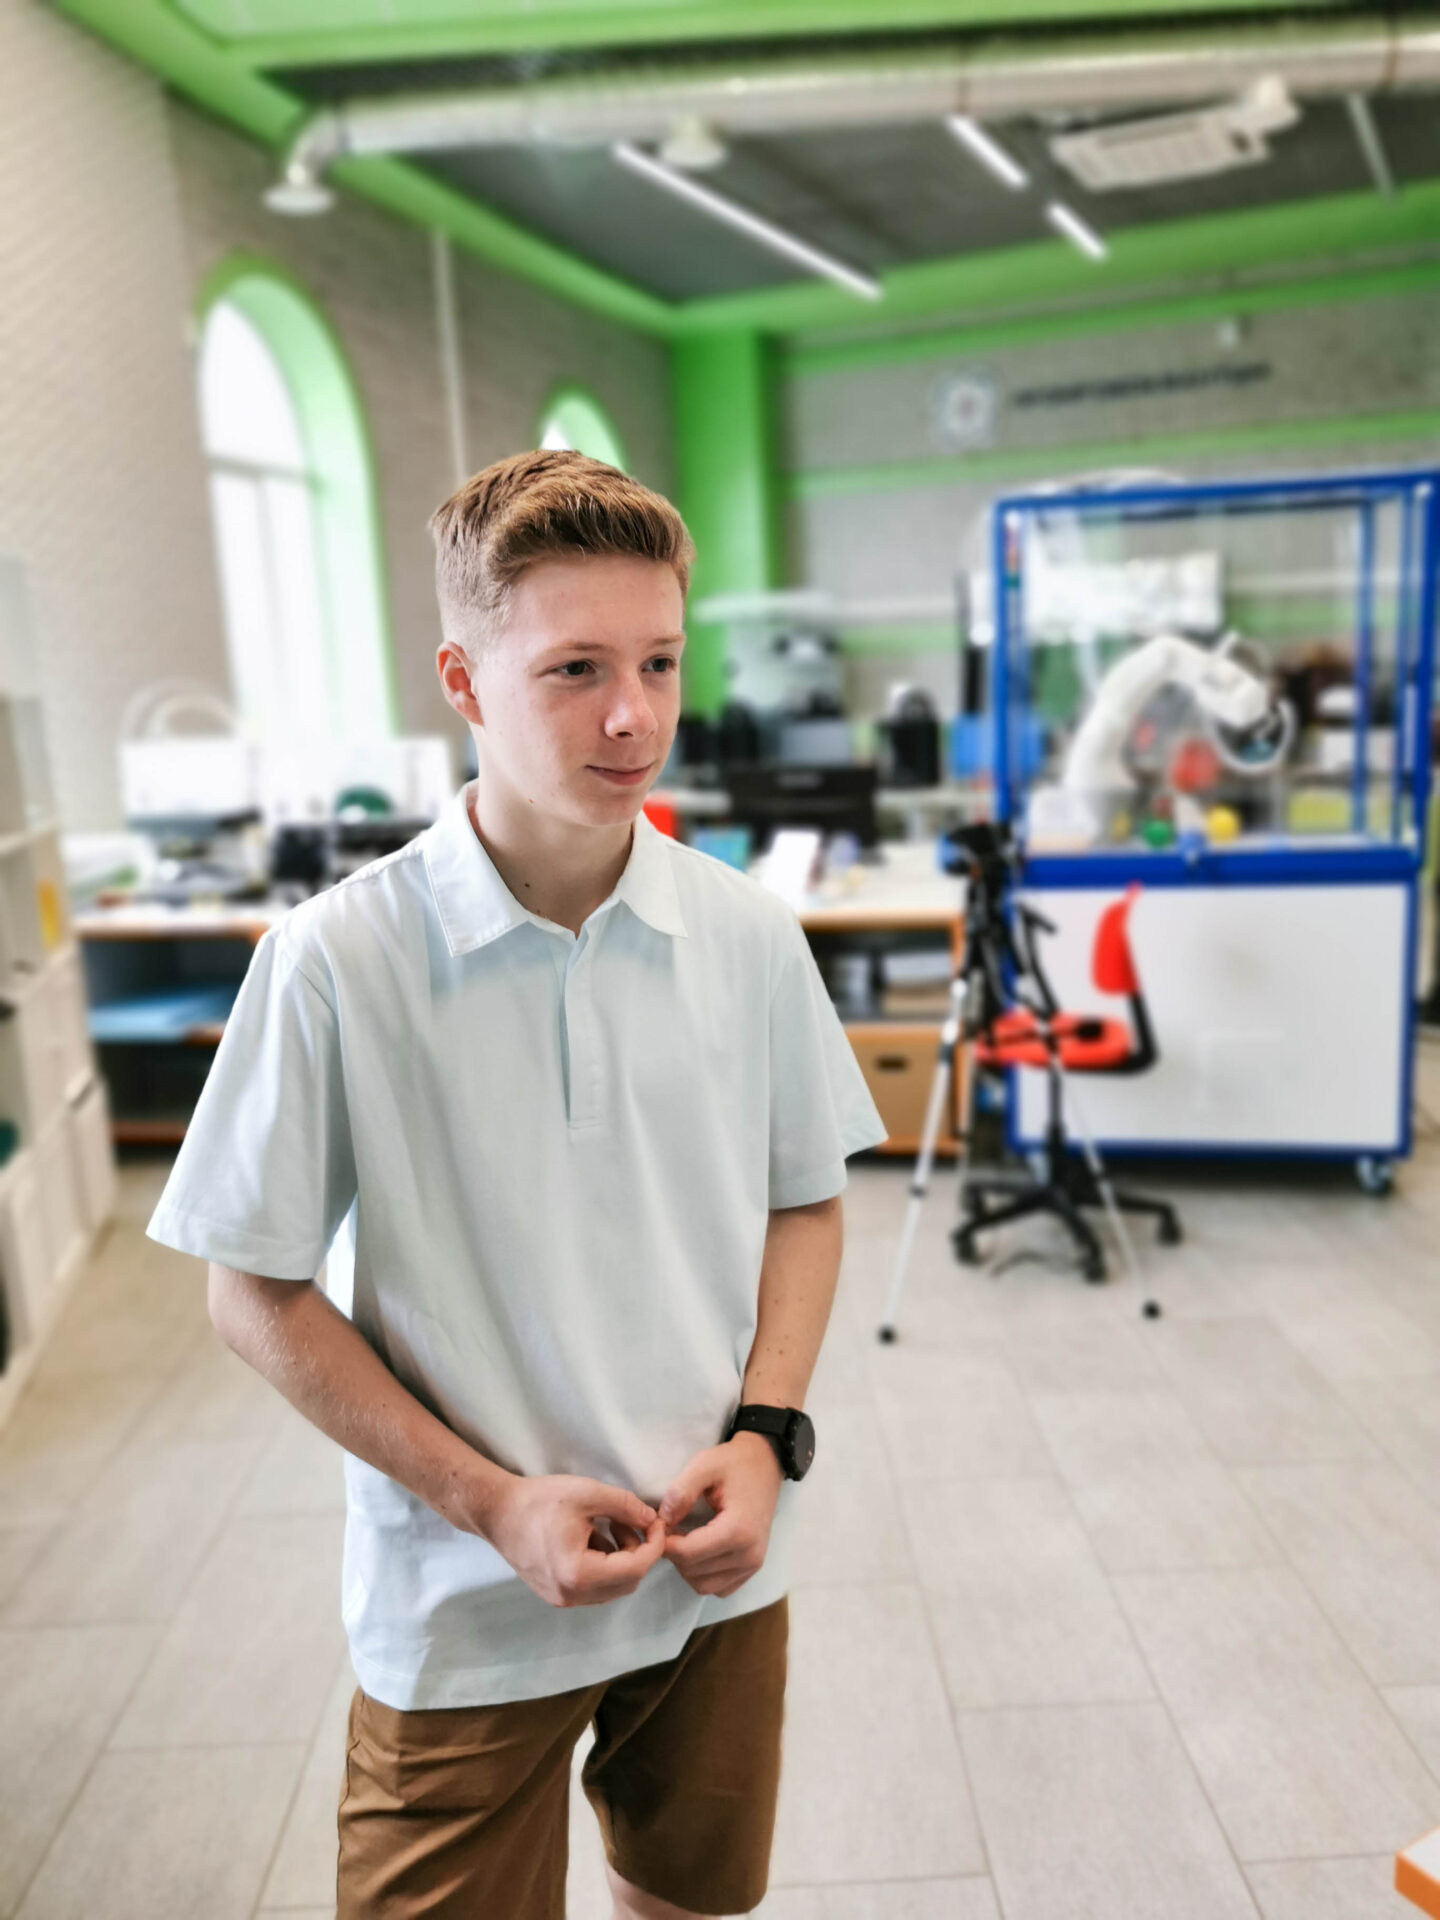 Образовательная экспедиция СОТ Ивановскую область: воспитанник центра технического творчества «Новация»